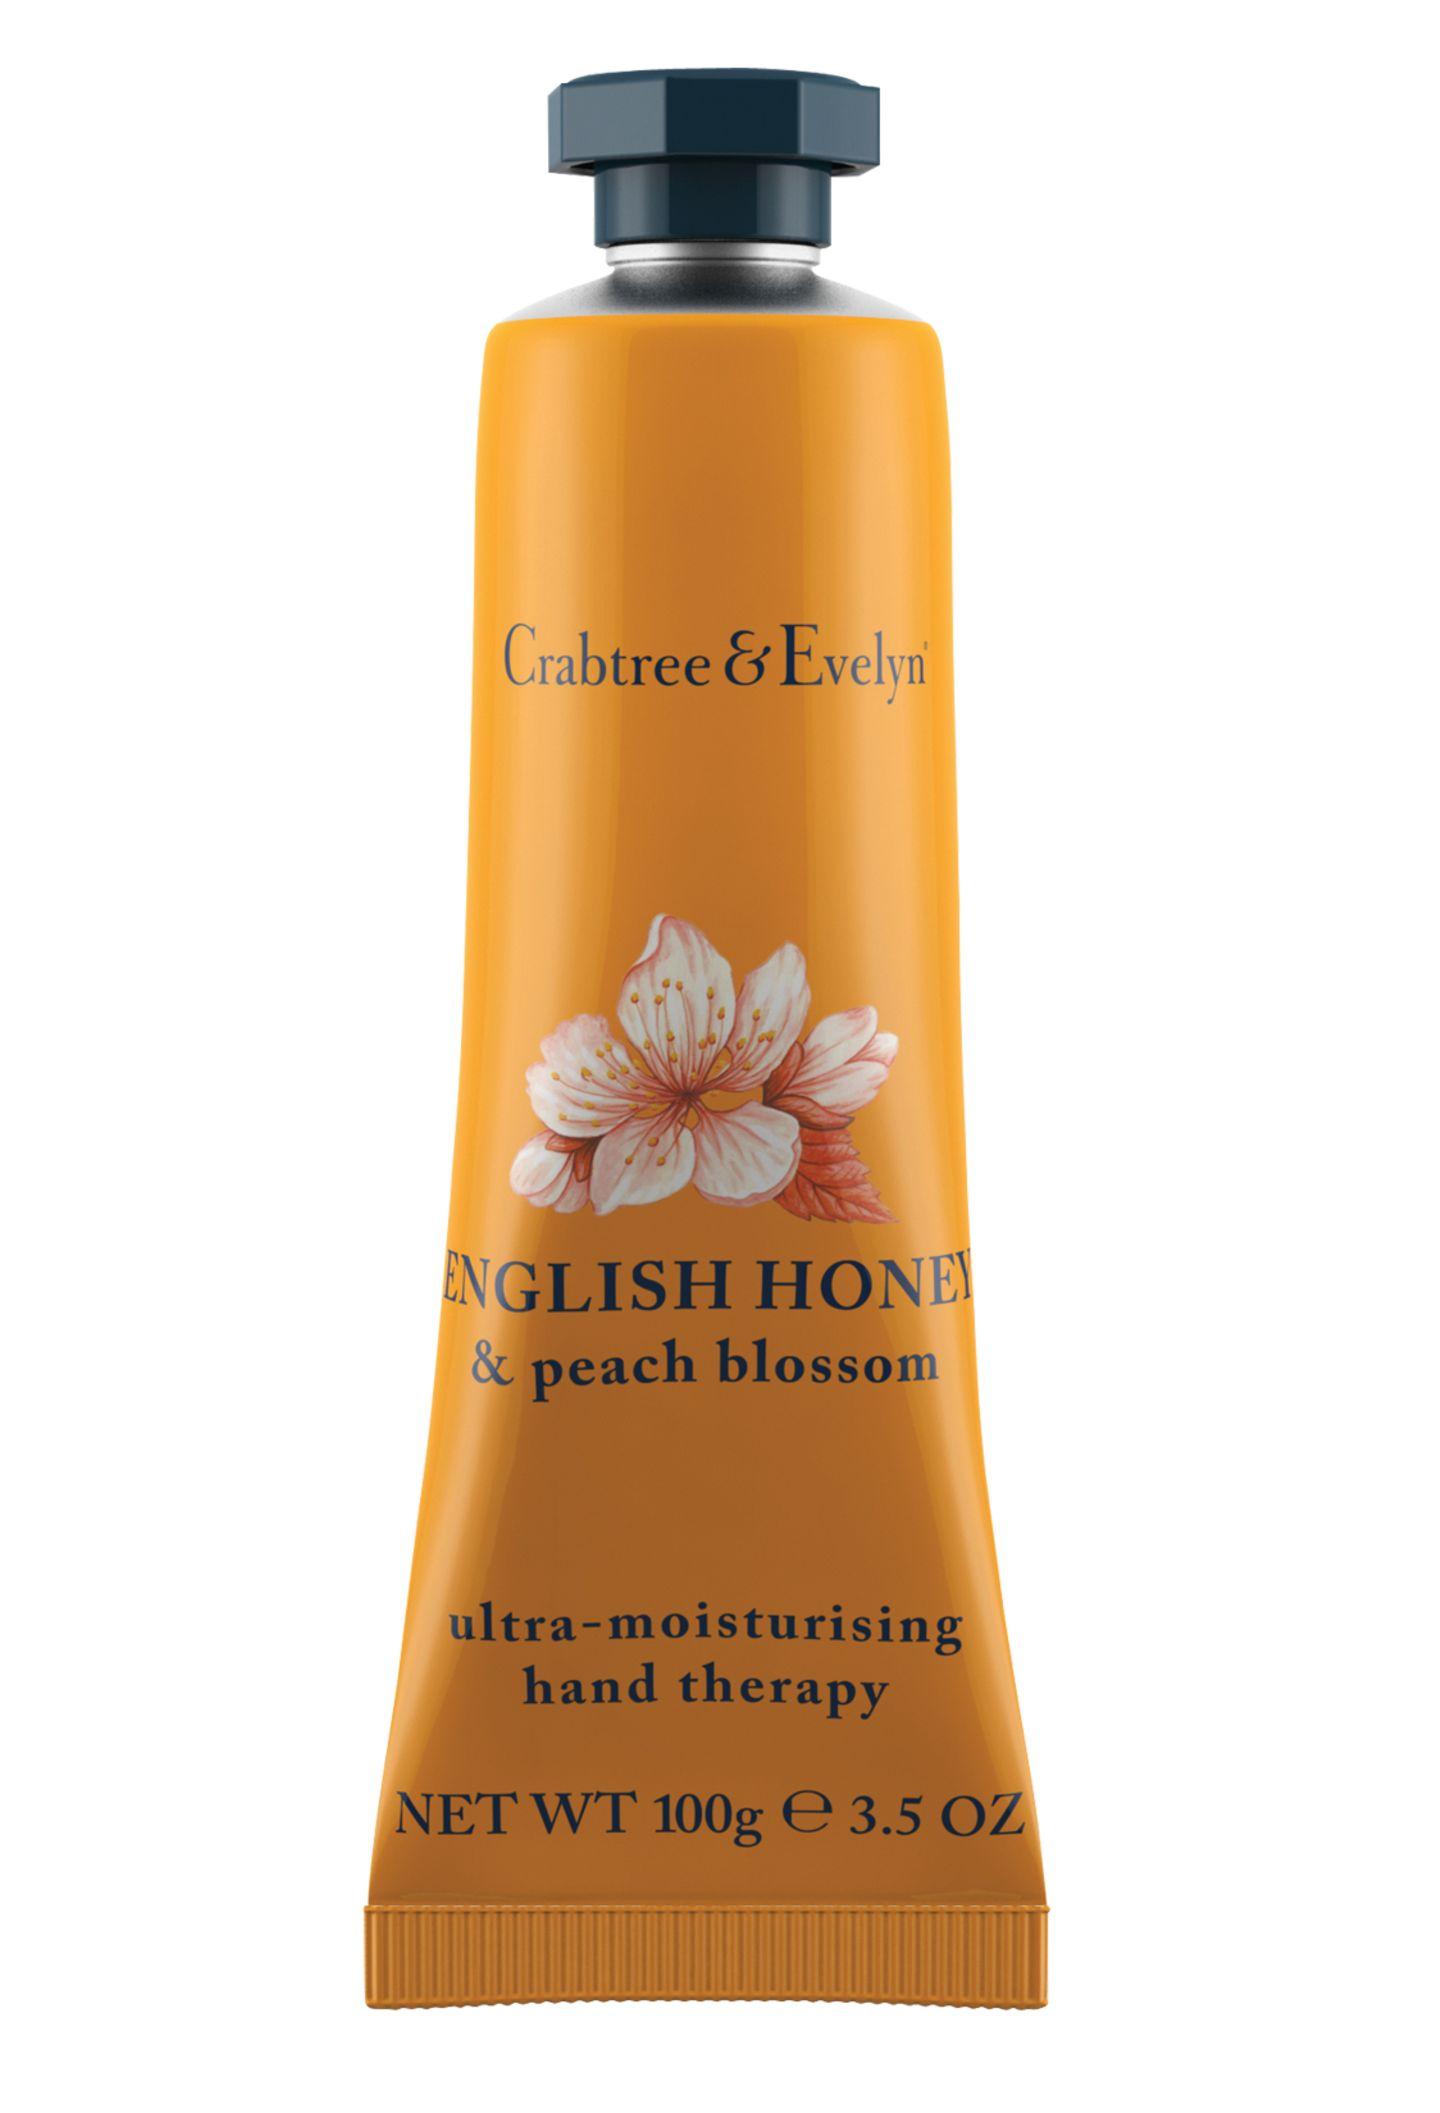 """Nährstoff für trockene Hände: die """"English Honey and Peach Blossom""""-Creme. Von Crabtree & Evelyn, 100 g, ca. 16 Euro"""